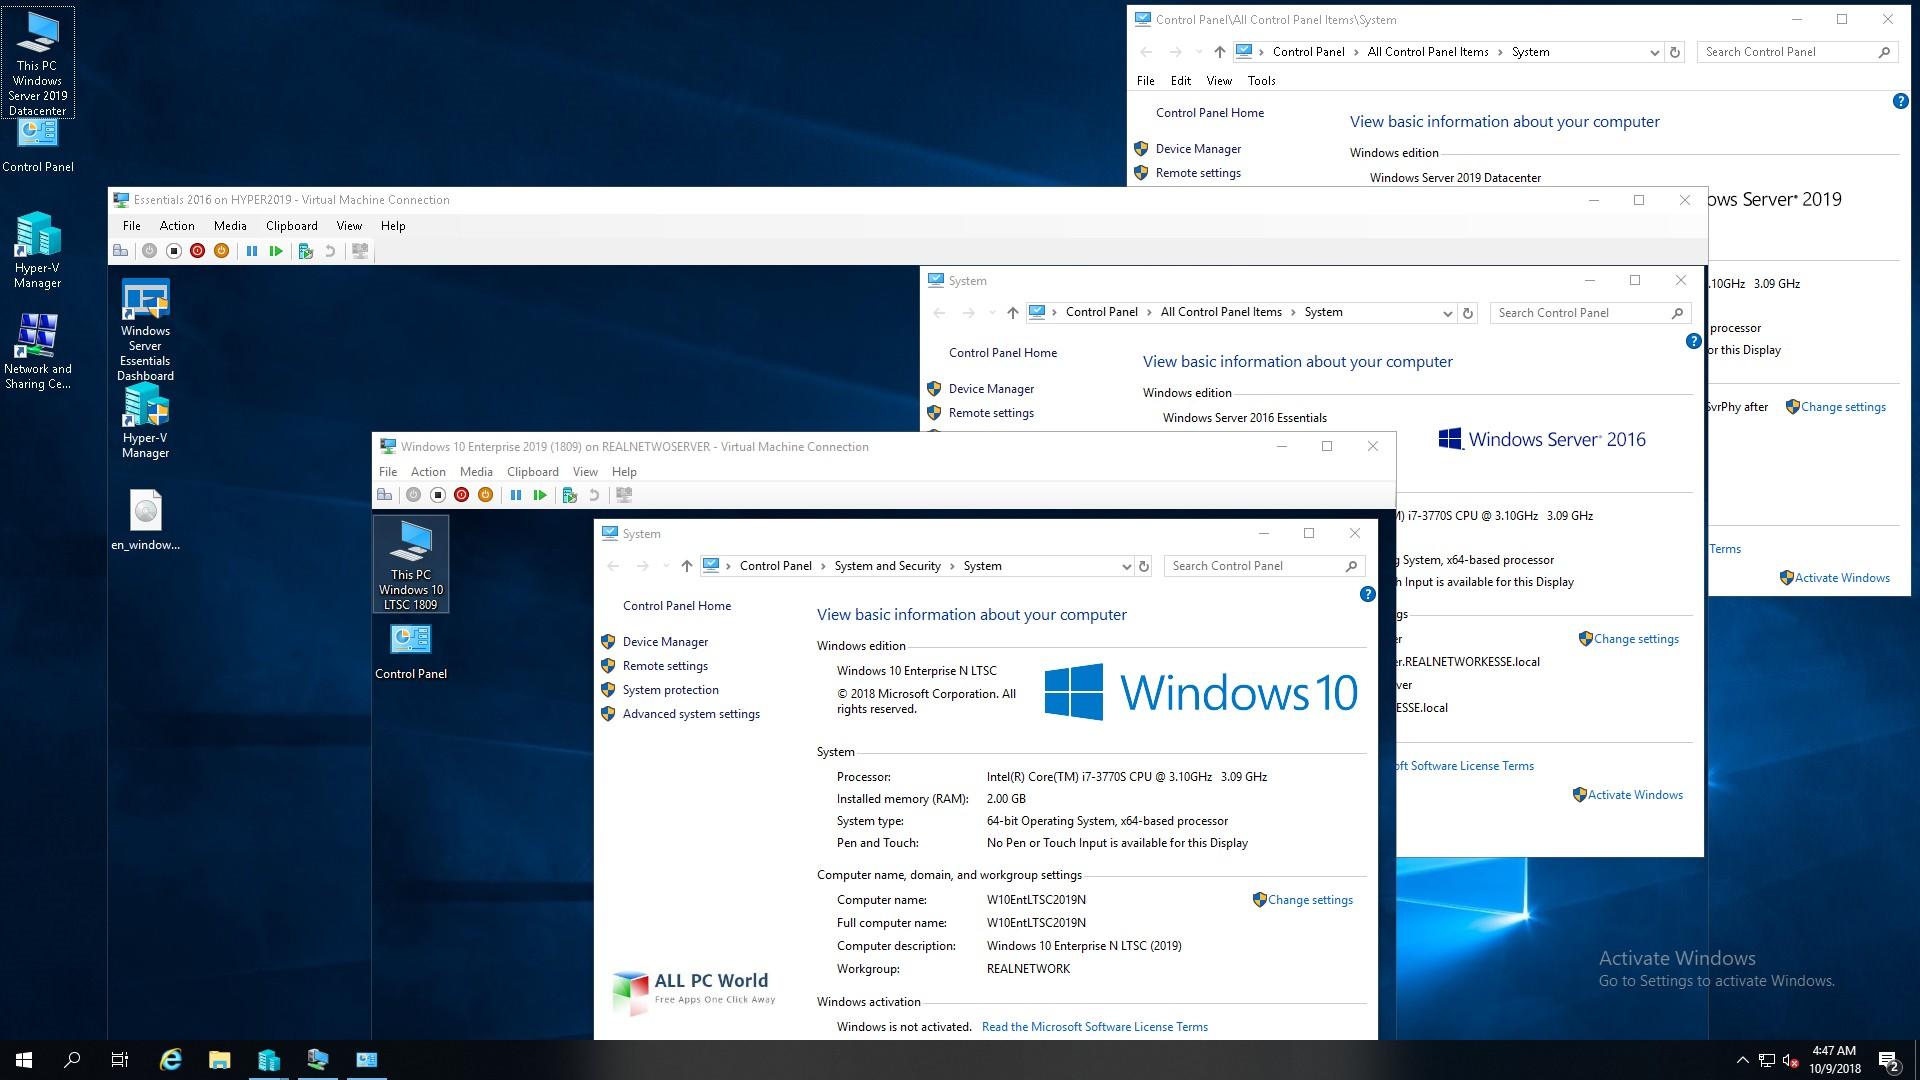 Microsoft Windows 10 LTSC Enterprise Feb 2019